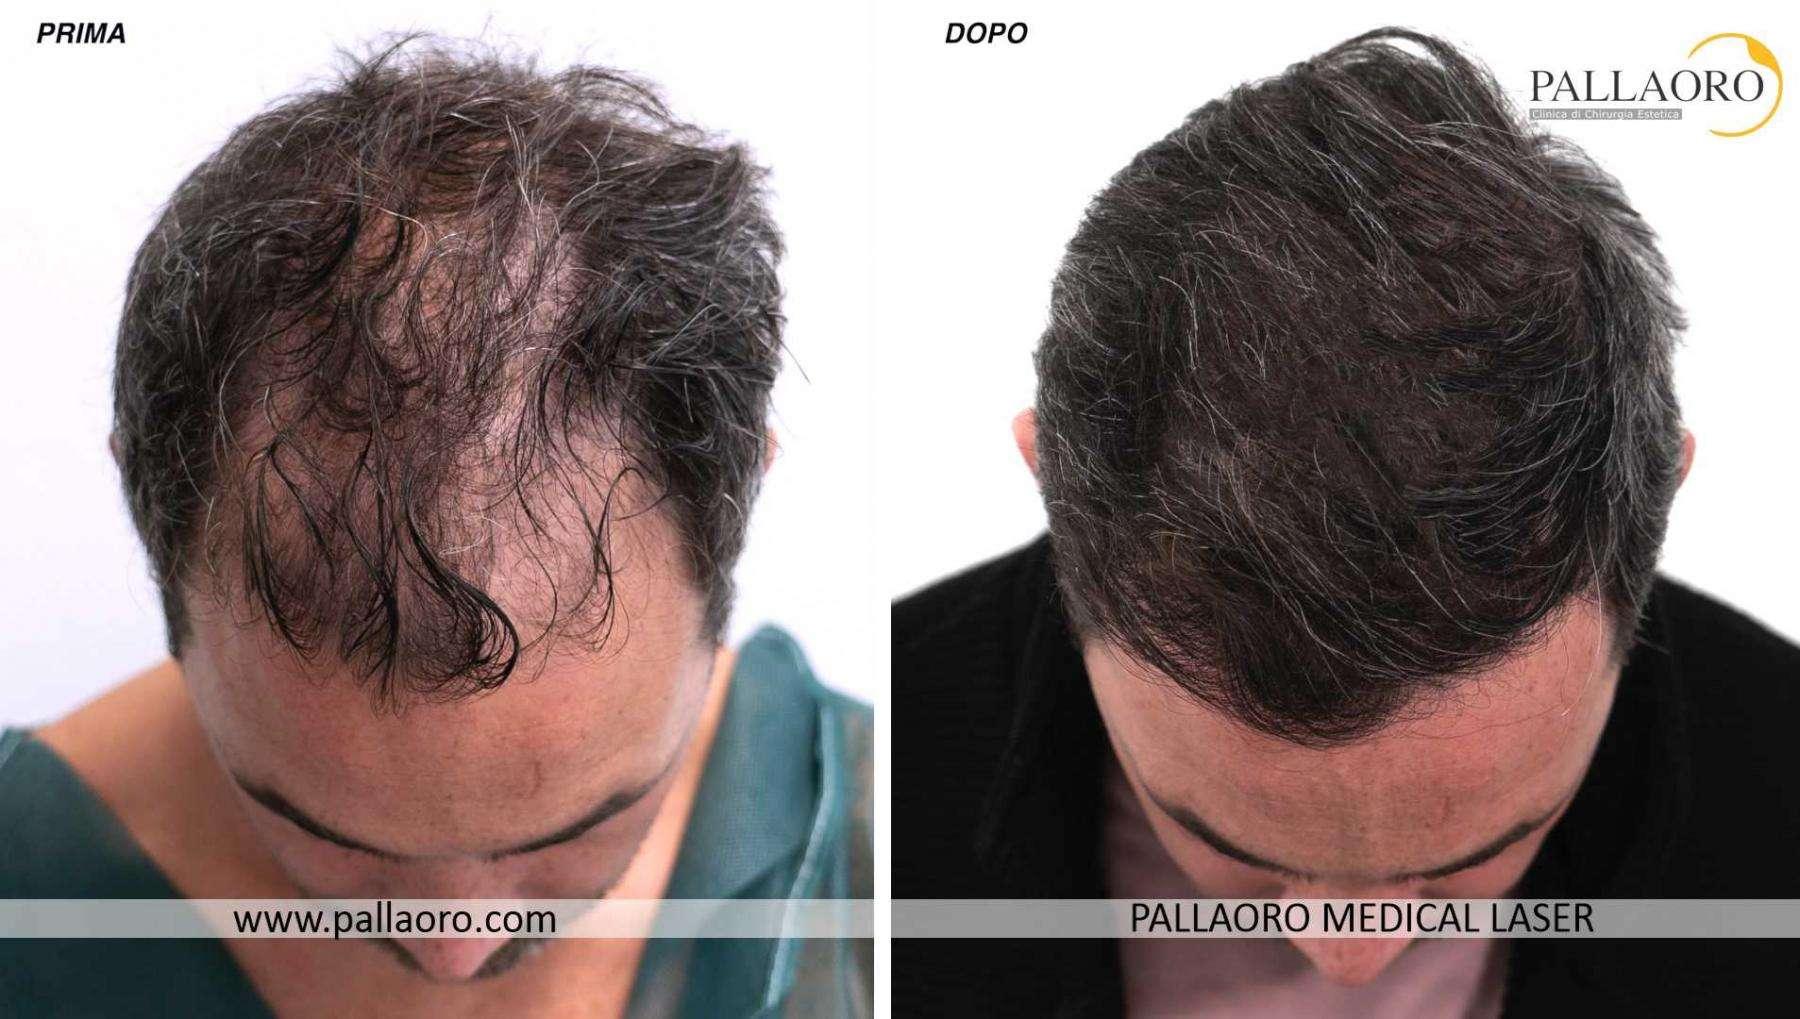 trapianto capelli 2021 08 a davide